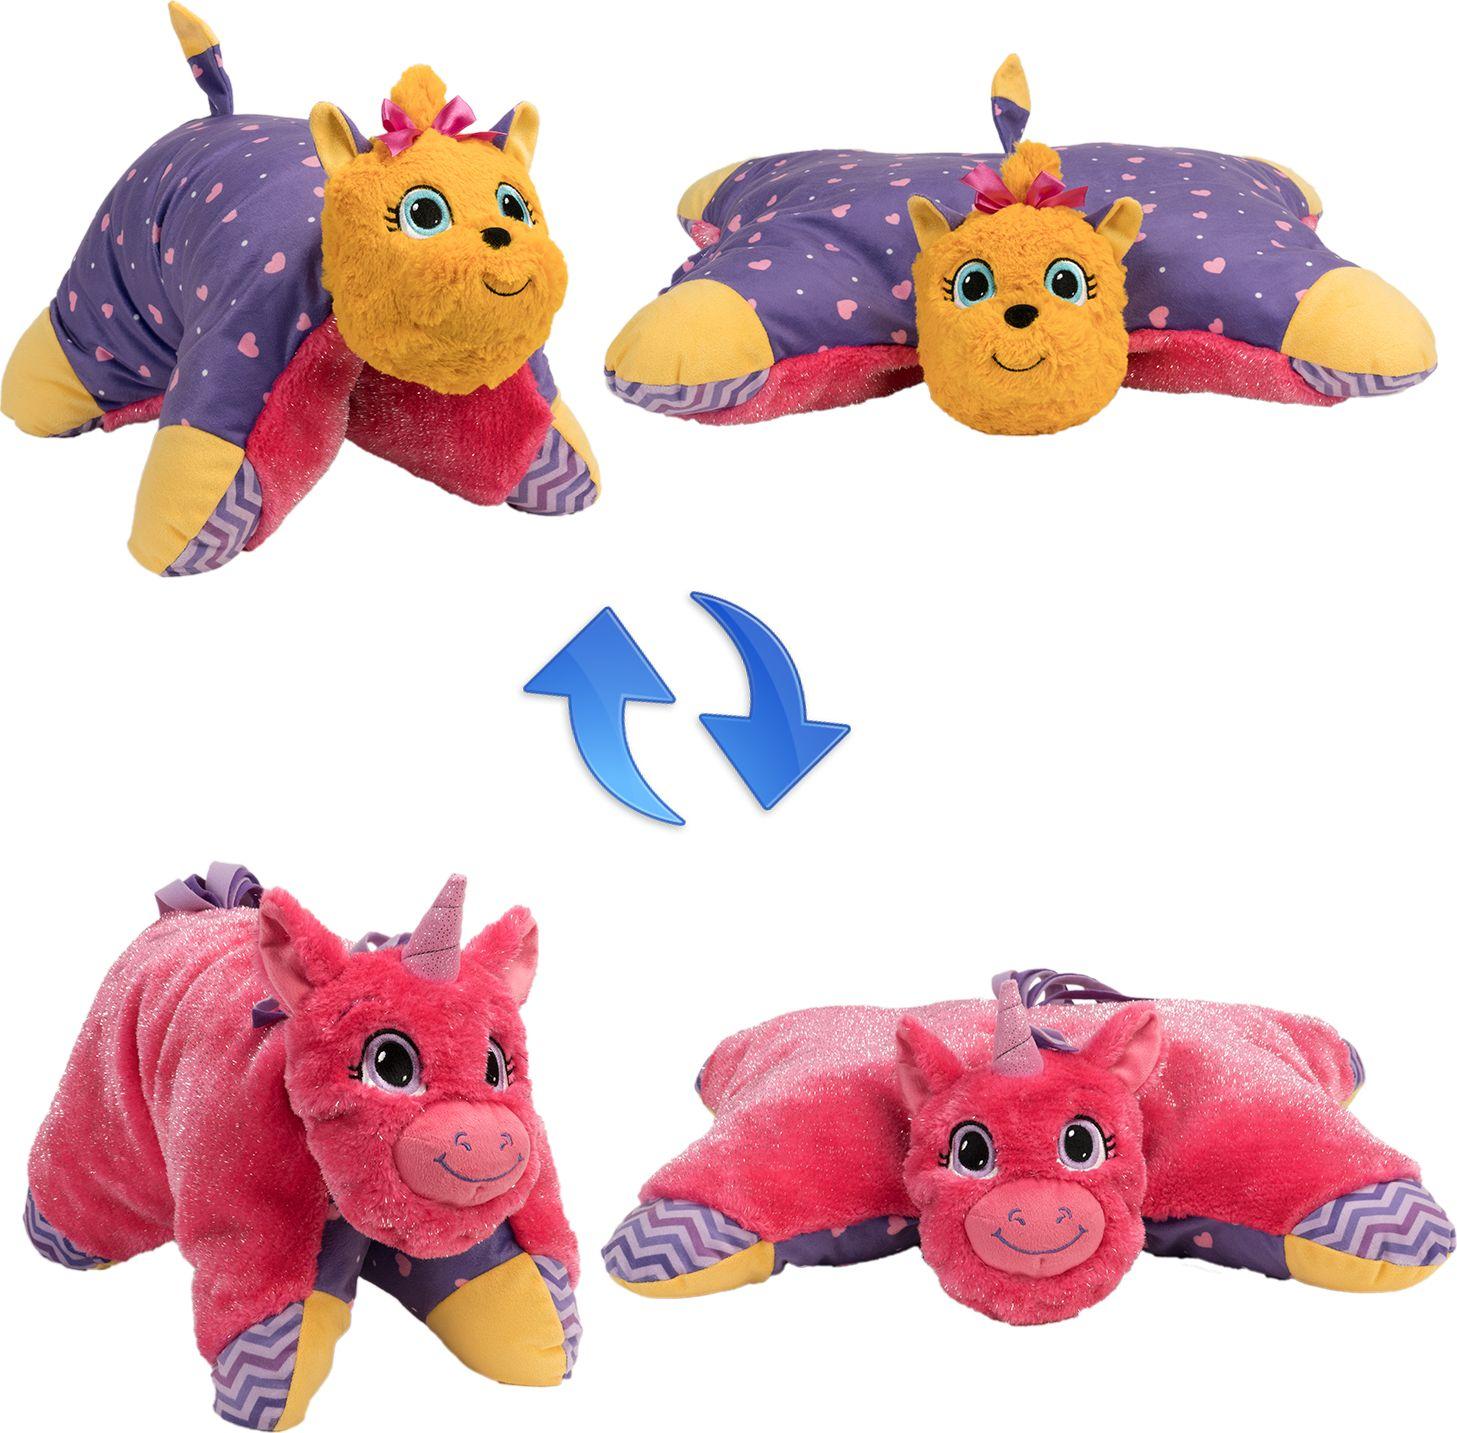 1TOY Мягкая игрушка Вывернушка 2в1 Лавандовый Единорог-Щенок Йорк 11 см мягкие игрушки maxitoys щенок с косточкой 12 см